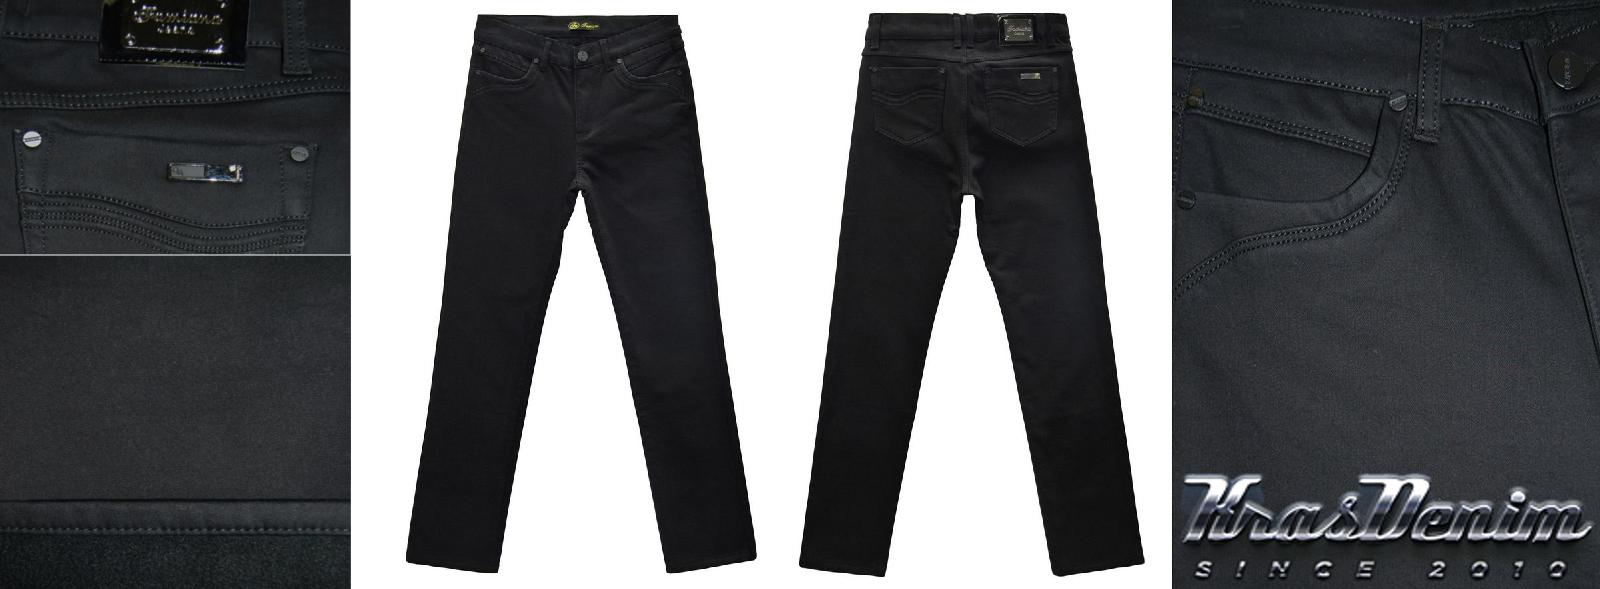 Сбор заказов-23. Женские и мужские джинсы (замеры по всем новинкам) брендов Ligas и другие. Без рядов! Модели на флисе